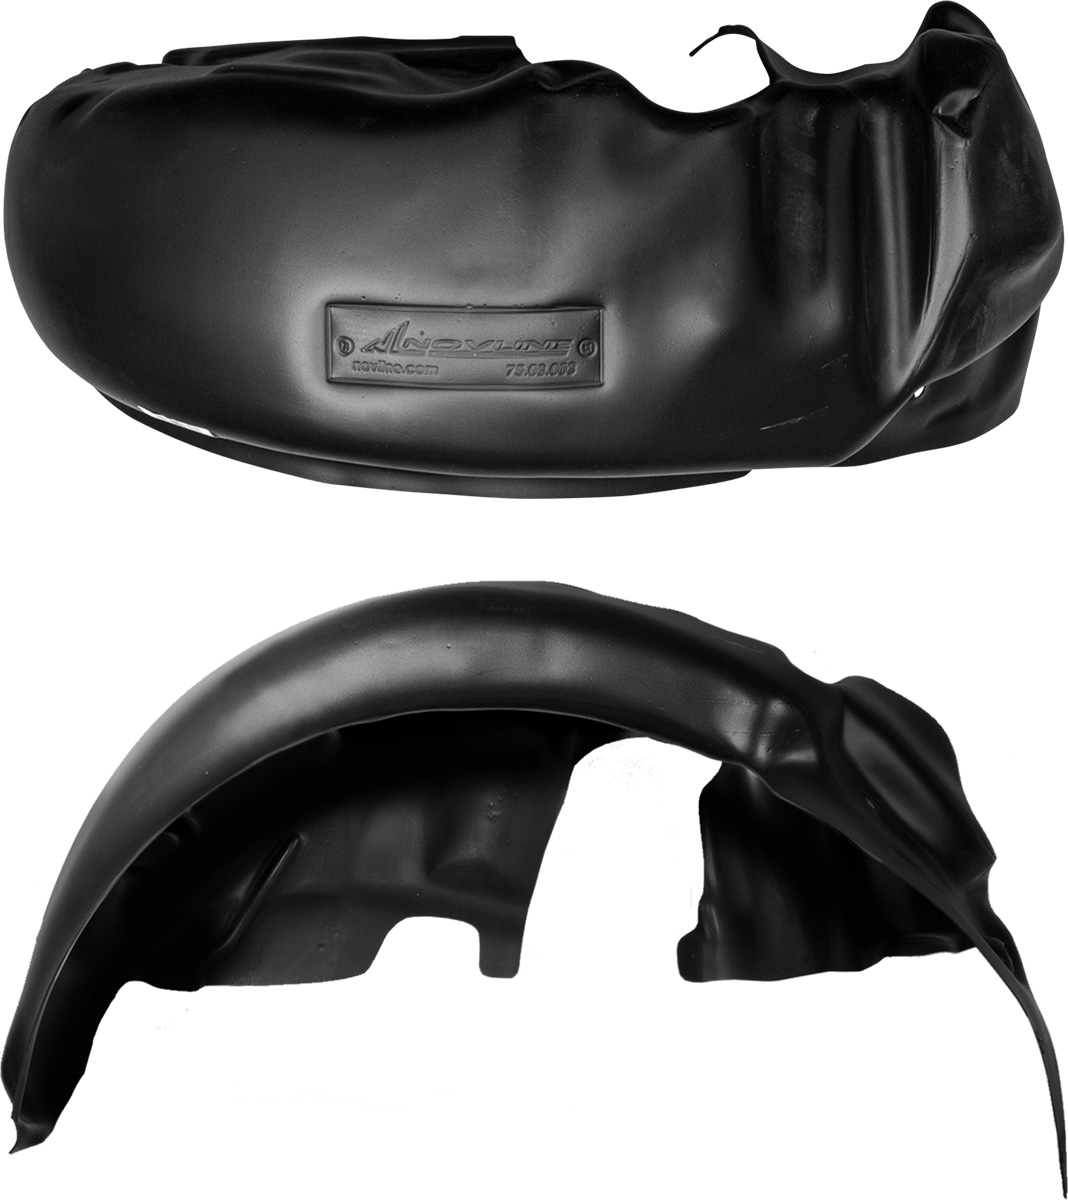 Подкрылок ВАЗ 11183 Kalina 2004-2013, б/б, задний левый1004900000360Колесные ниши – одни из самых уязвимых зон днища вашего автомобиля. Они постоянно подвергаются воздействию со стороны дороги. Лучшая, почти абсолютная защита для них - специально отформованные пластиковые кожухи, которые называются подкрылками, или локерами. Производятся они как для отечественных моделей автомобилей, так и для иномарок. Подкрылки выполнены из высококачественного, экологически чистого пластика. Обеспечивают надежную защиту кузова автомобиля от пескоструйного эффекта и негативного влияния, агрессивных антигололедных реагентов. Пластик обладает более низкой теплопроводностью, чем металл, поэтому в зимний период эксплуатации использование пластиковых подкрылков позволяет лучше защитить колесные ниши от налипания снега и образования наледи. Оригинальность конструкции подчеркивает элегантность автомобиля, бережно защищает нанесенное на днище кузова антикоррозийное покрытие и позволяет осуществить крепление подкрылков внутри колесной арки практически без дополнительного крепежа и сверления, не нарушая при этом лакокрасочного покрытия, что предотвращает возникновение новых очагов коррозии. Технология крепления подкрылков на иномарки принципиально отличается от крепления на российские автомобили и разрабатывается индивидуально для каждой модели автомобиля. Подкрылки долговечны, обладают высокой прочностью и сохраняют заданную форму, а также все свои физико-механические характеристики в самых тяжелых климатических условиях ( от -50° С до + 50° С).